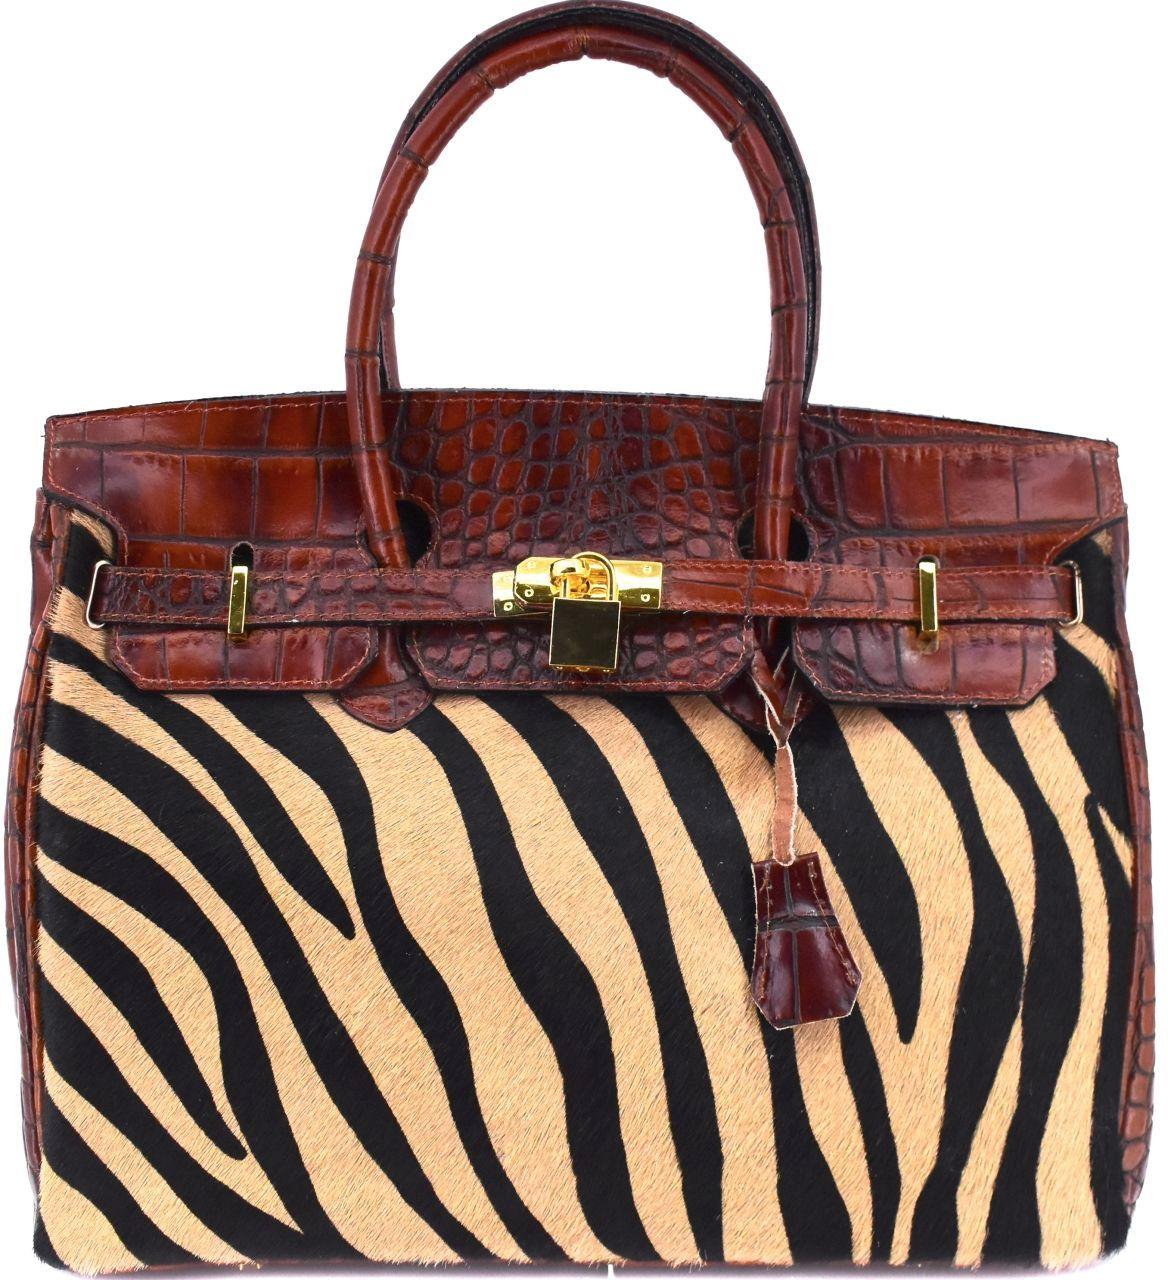 Luxusní dámská kožená kabelka Arteddy - hnědá/béžová 24856